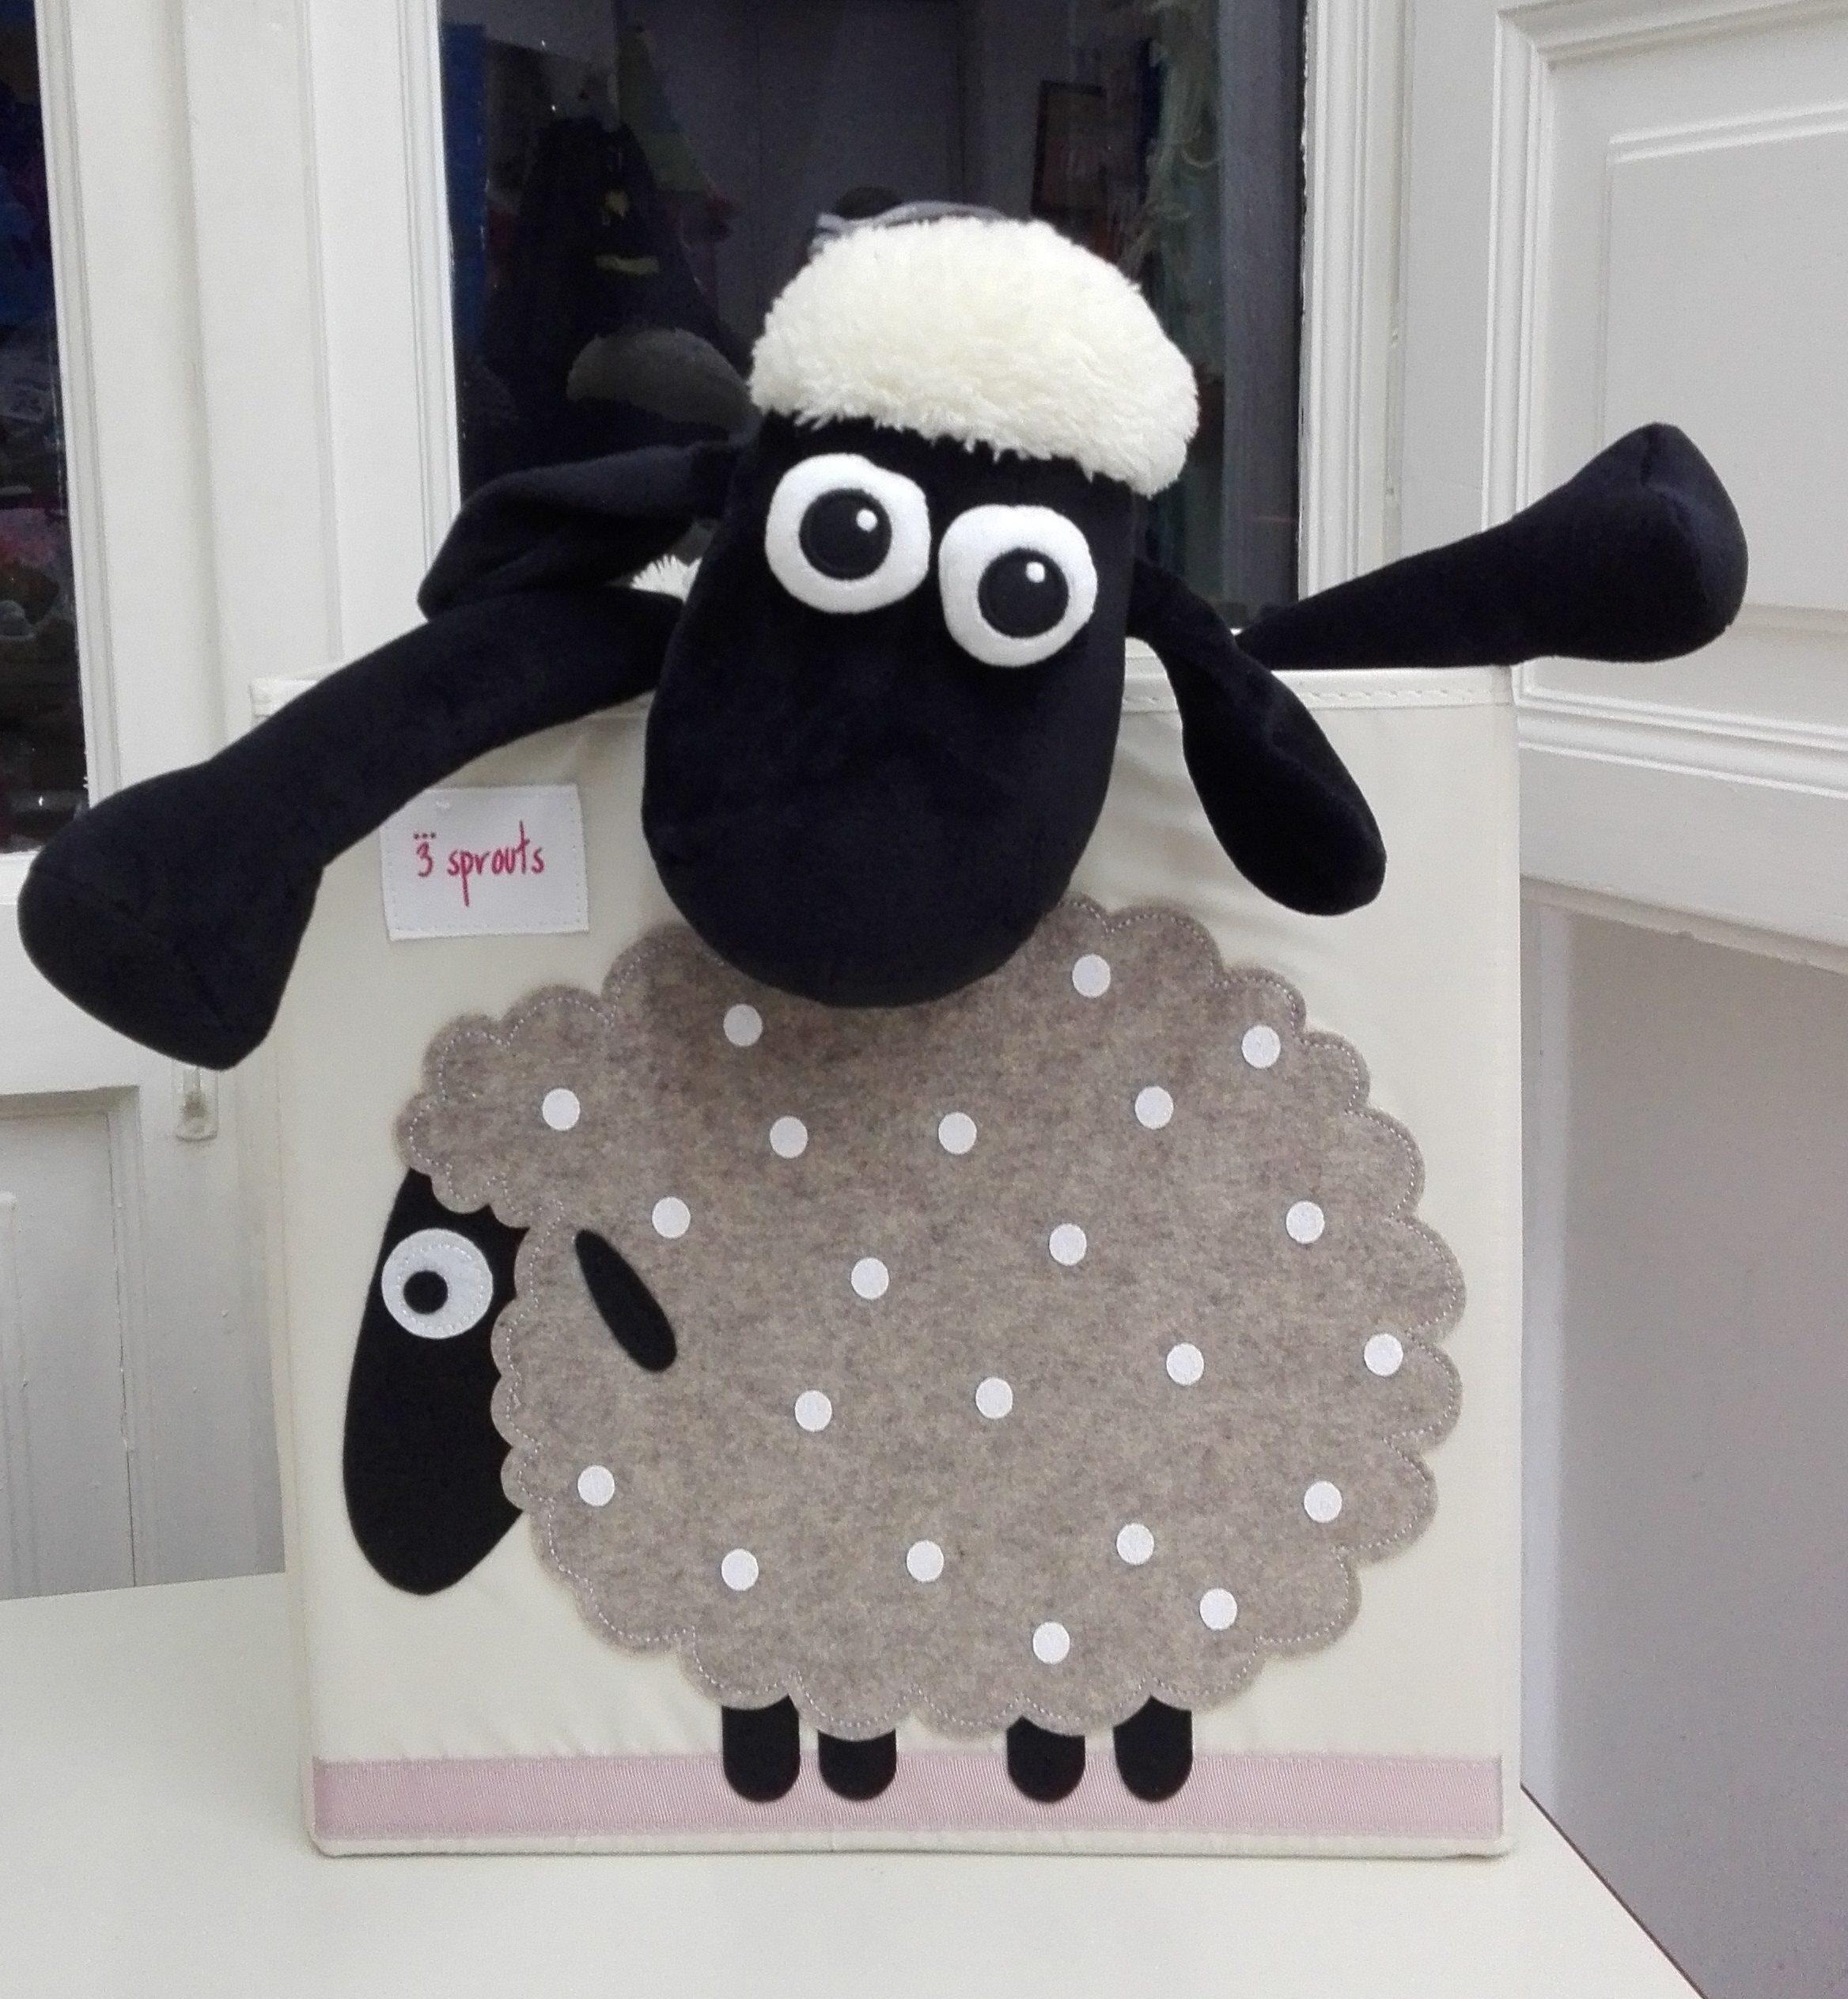 Ceste portatutto pecorella - Speriamo che Dorma